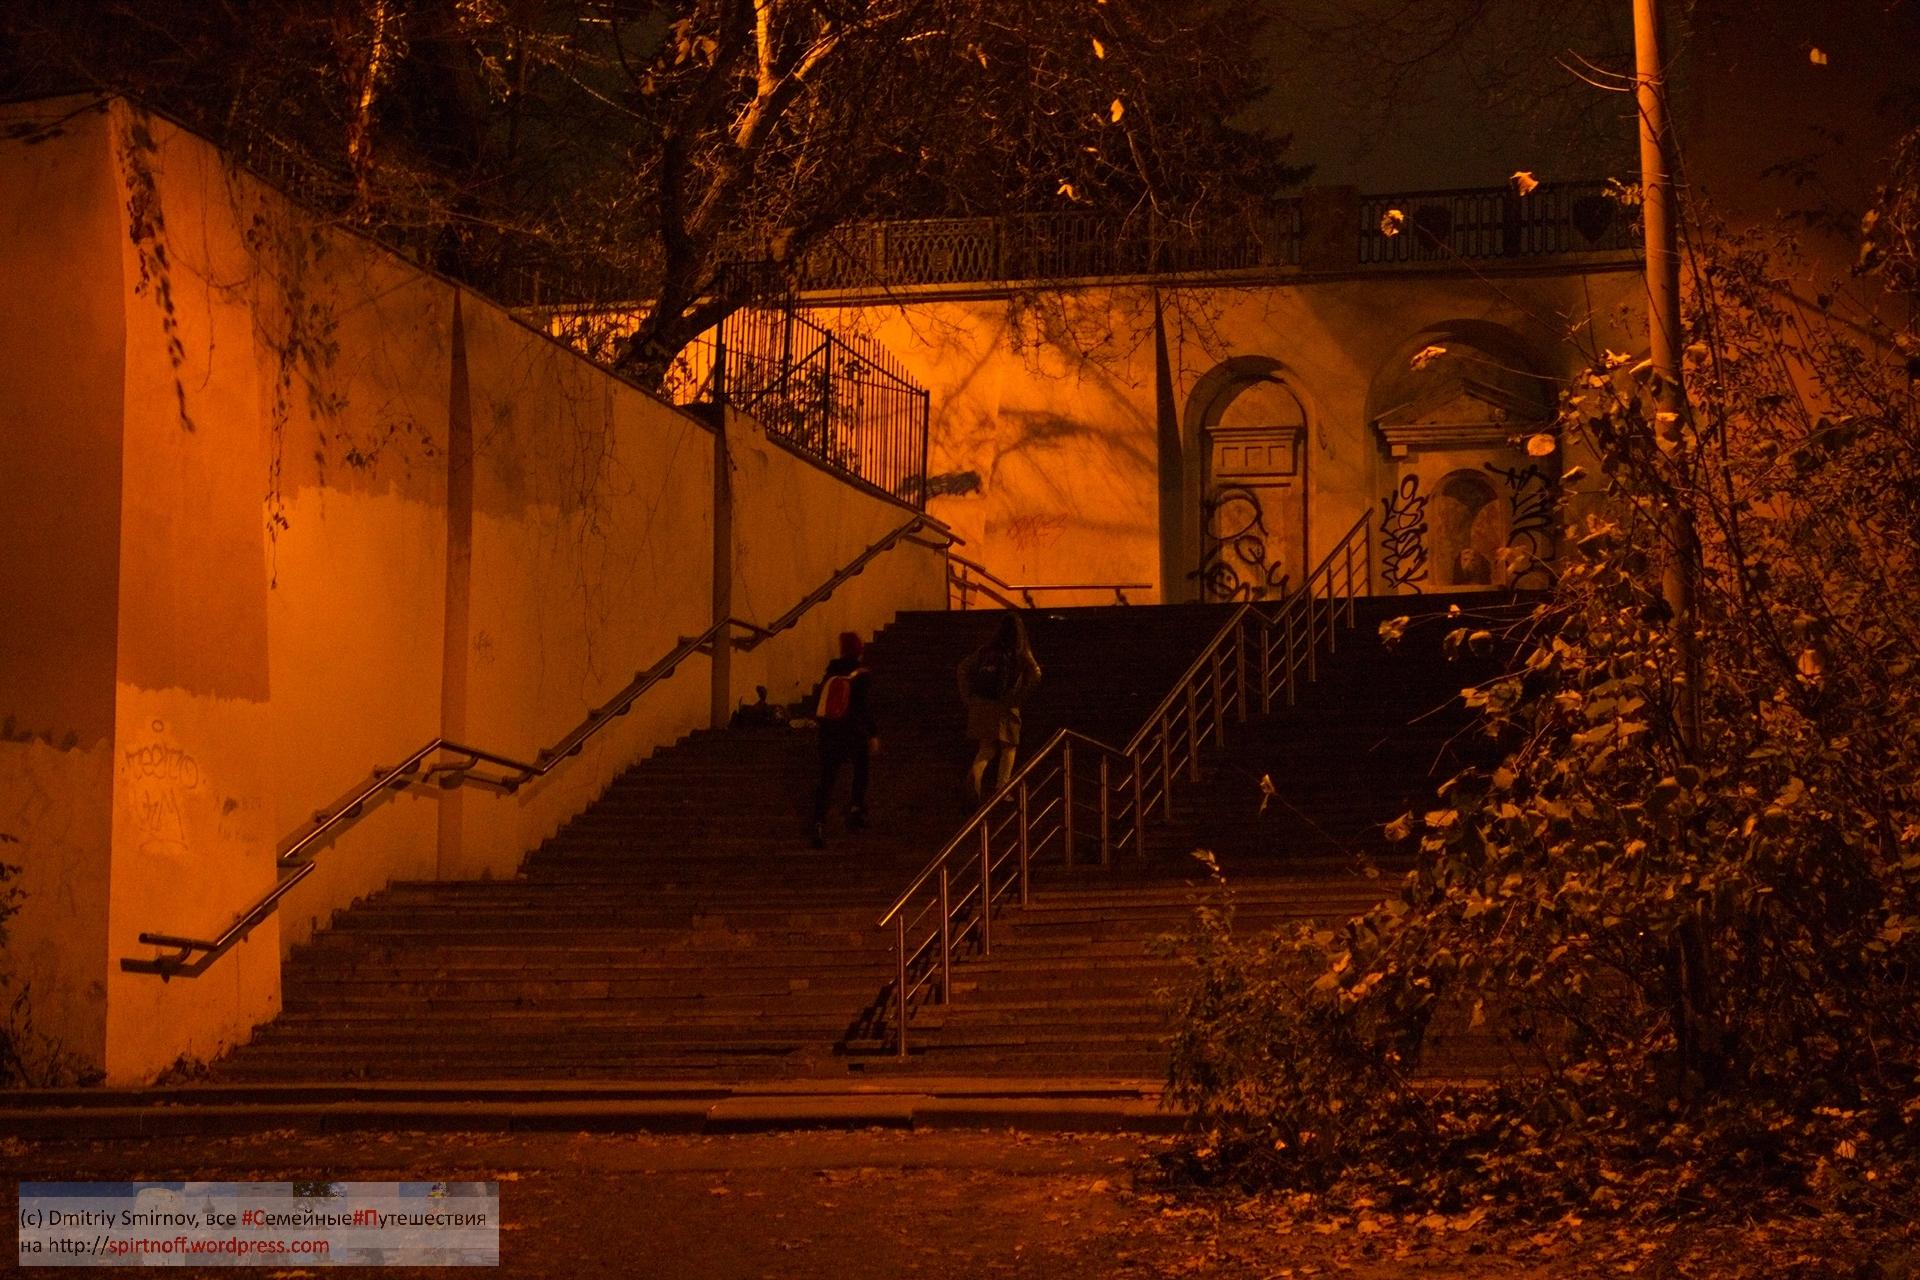 DSC_8859-154-Blog-216 Путешествия  Воронеж. Портал в соседнее измерение